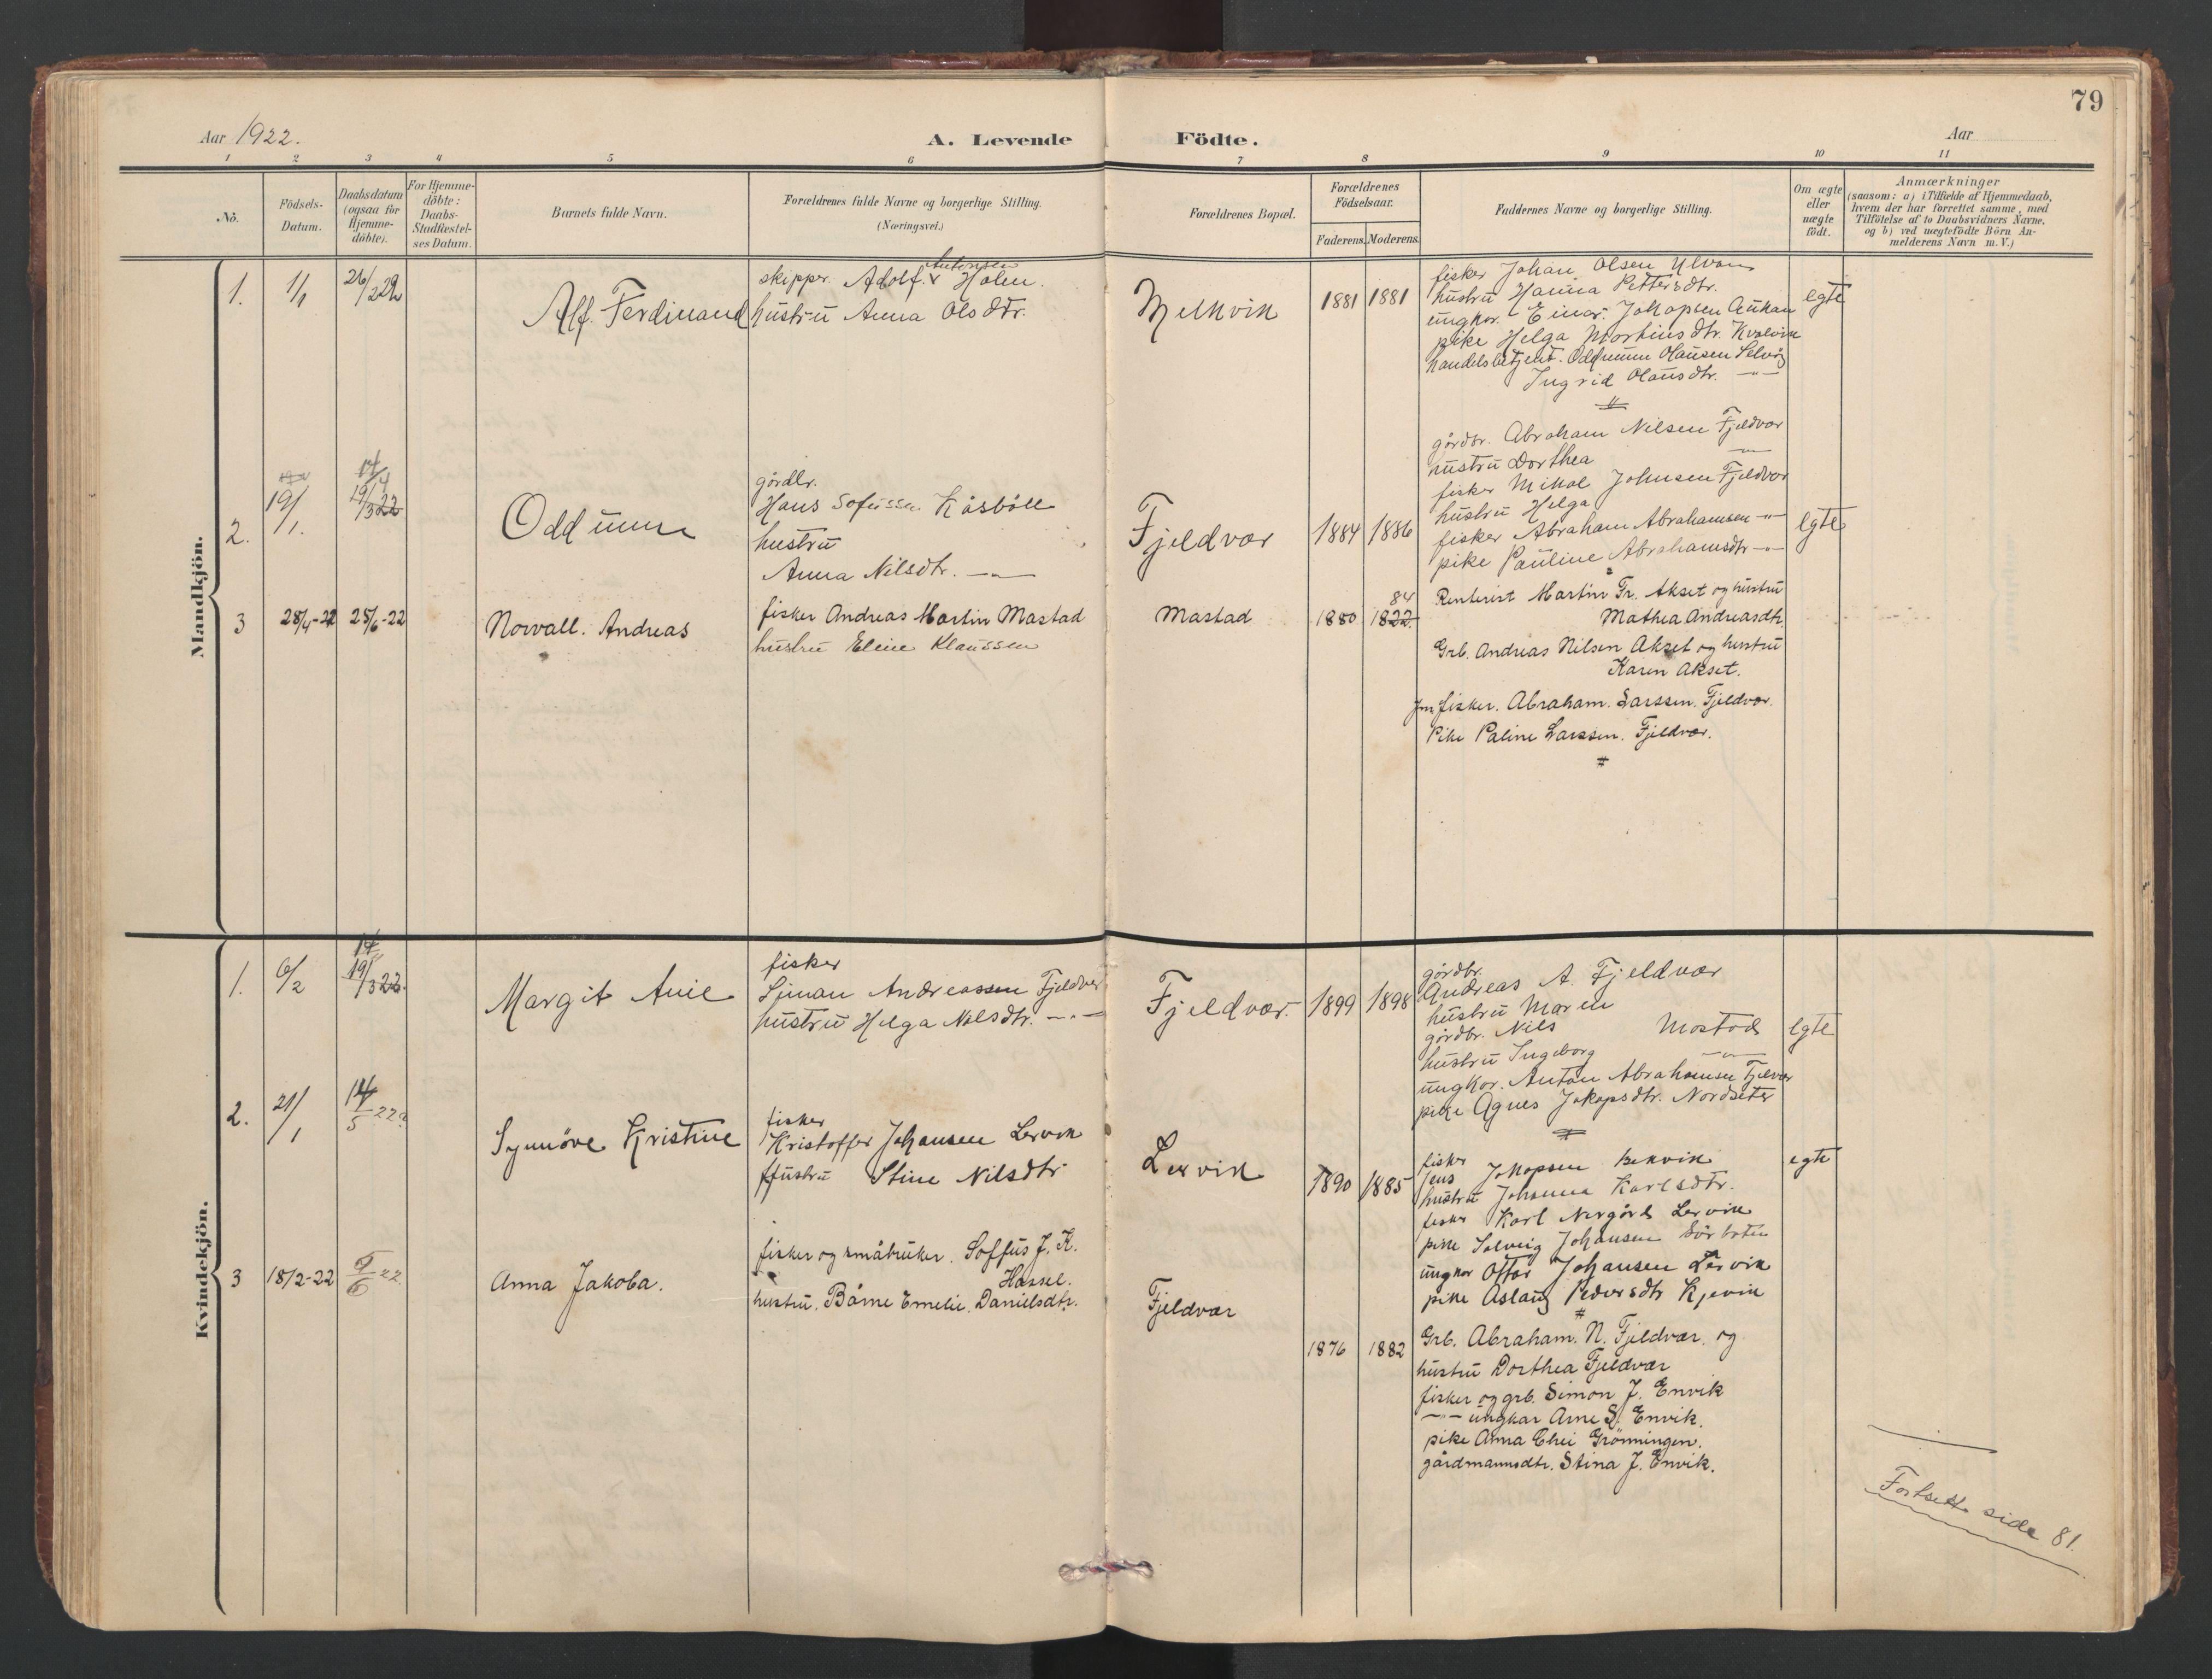 SAT, Ministerialprotokoller, klokkerbøker og fødselsregistre - Sør-Trøndelag, 638/L0571: Klokkerbok nr. 638C03, 1901-1930, s. 79